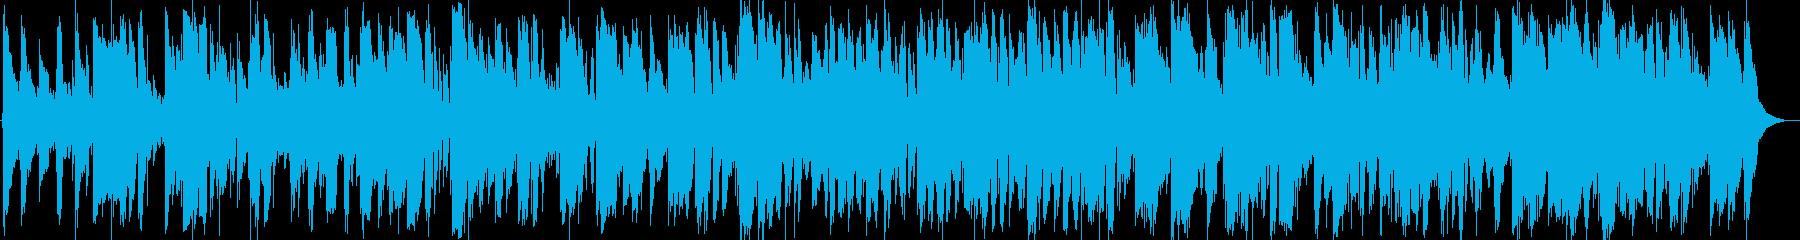 風に吹かれリラックスする感じのボサノバの再生済みの波形